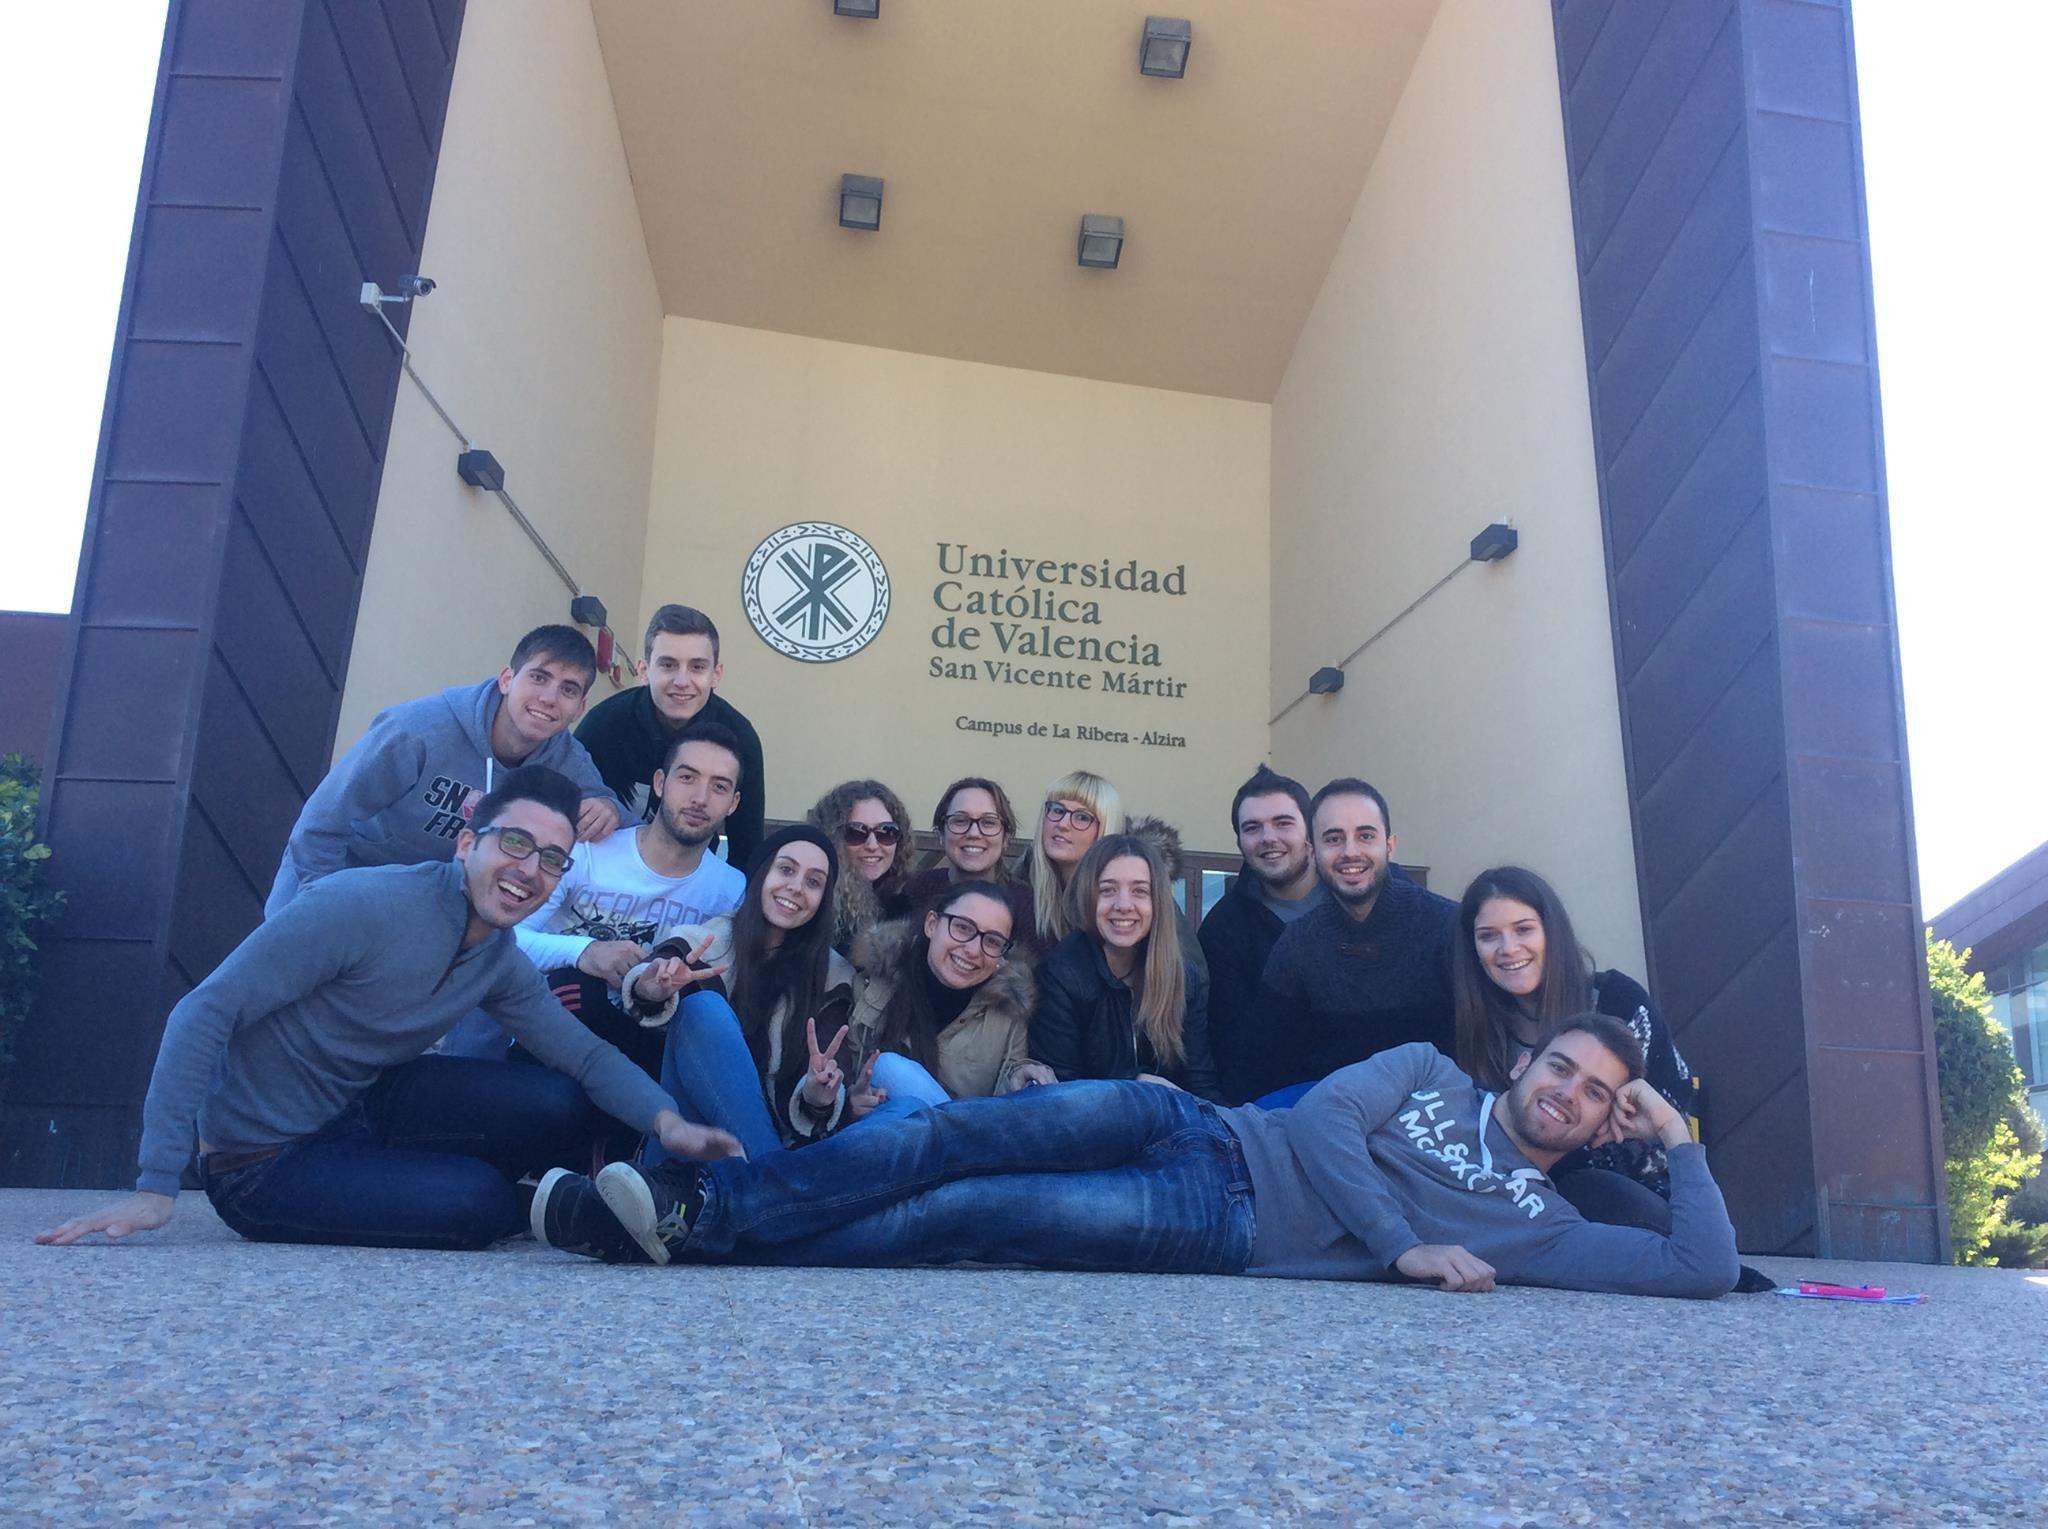 Universidad Católica De Valencia San Vicente Mártir Universidad Catolica De Valencia Universidad Catolica Catolico